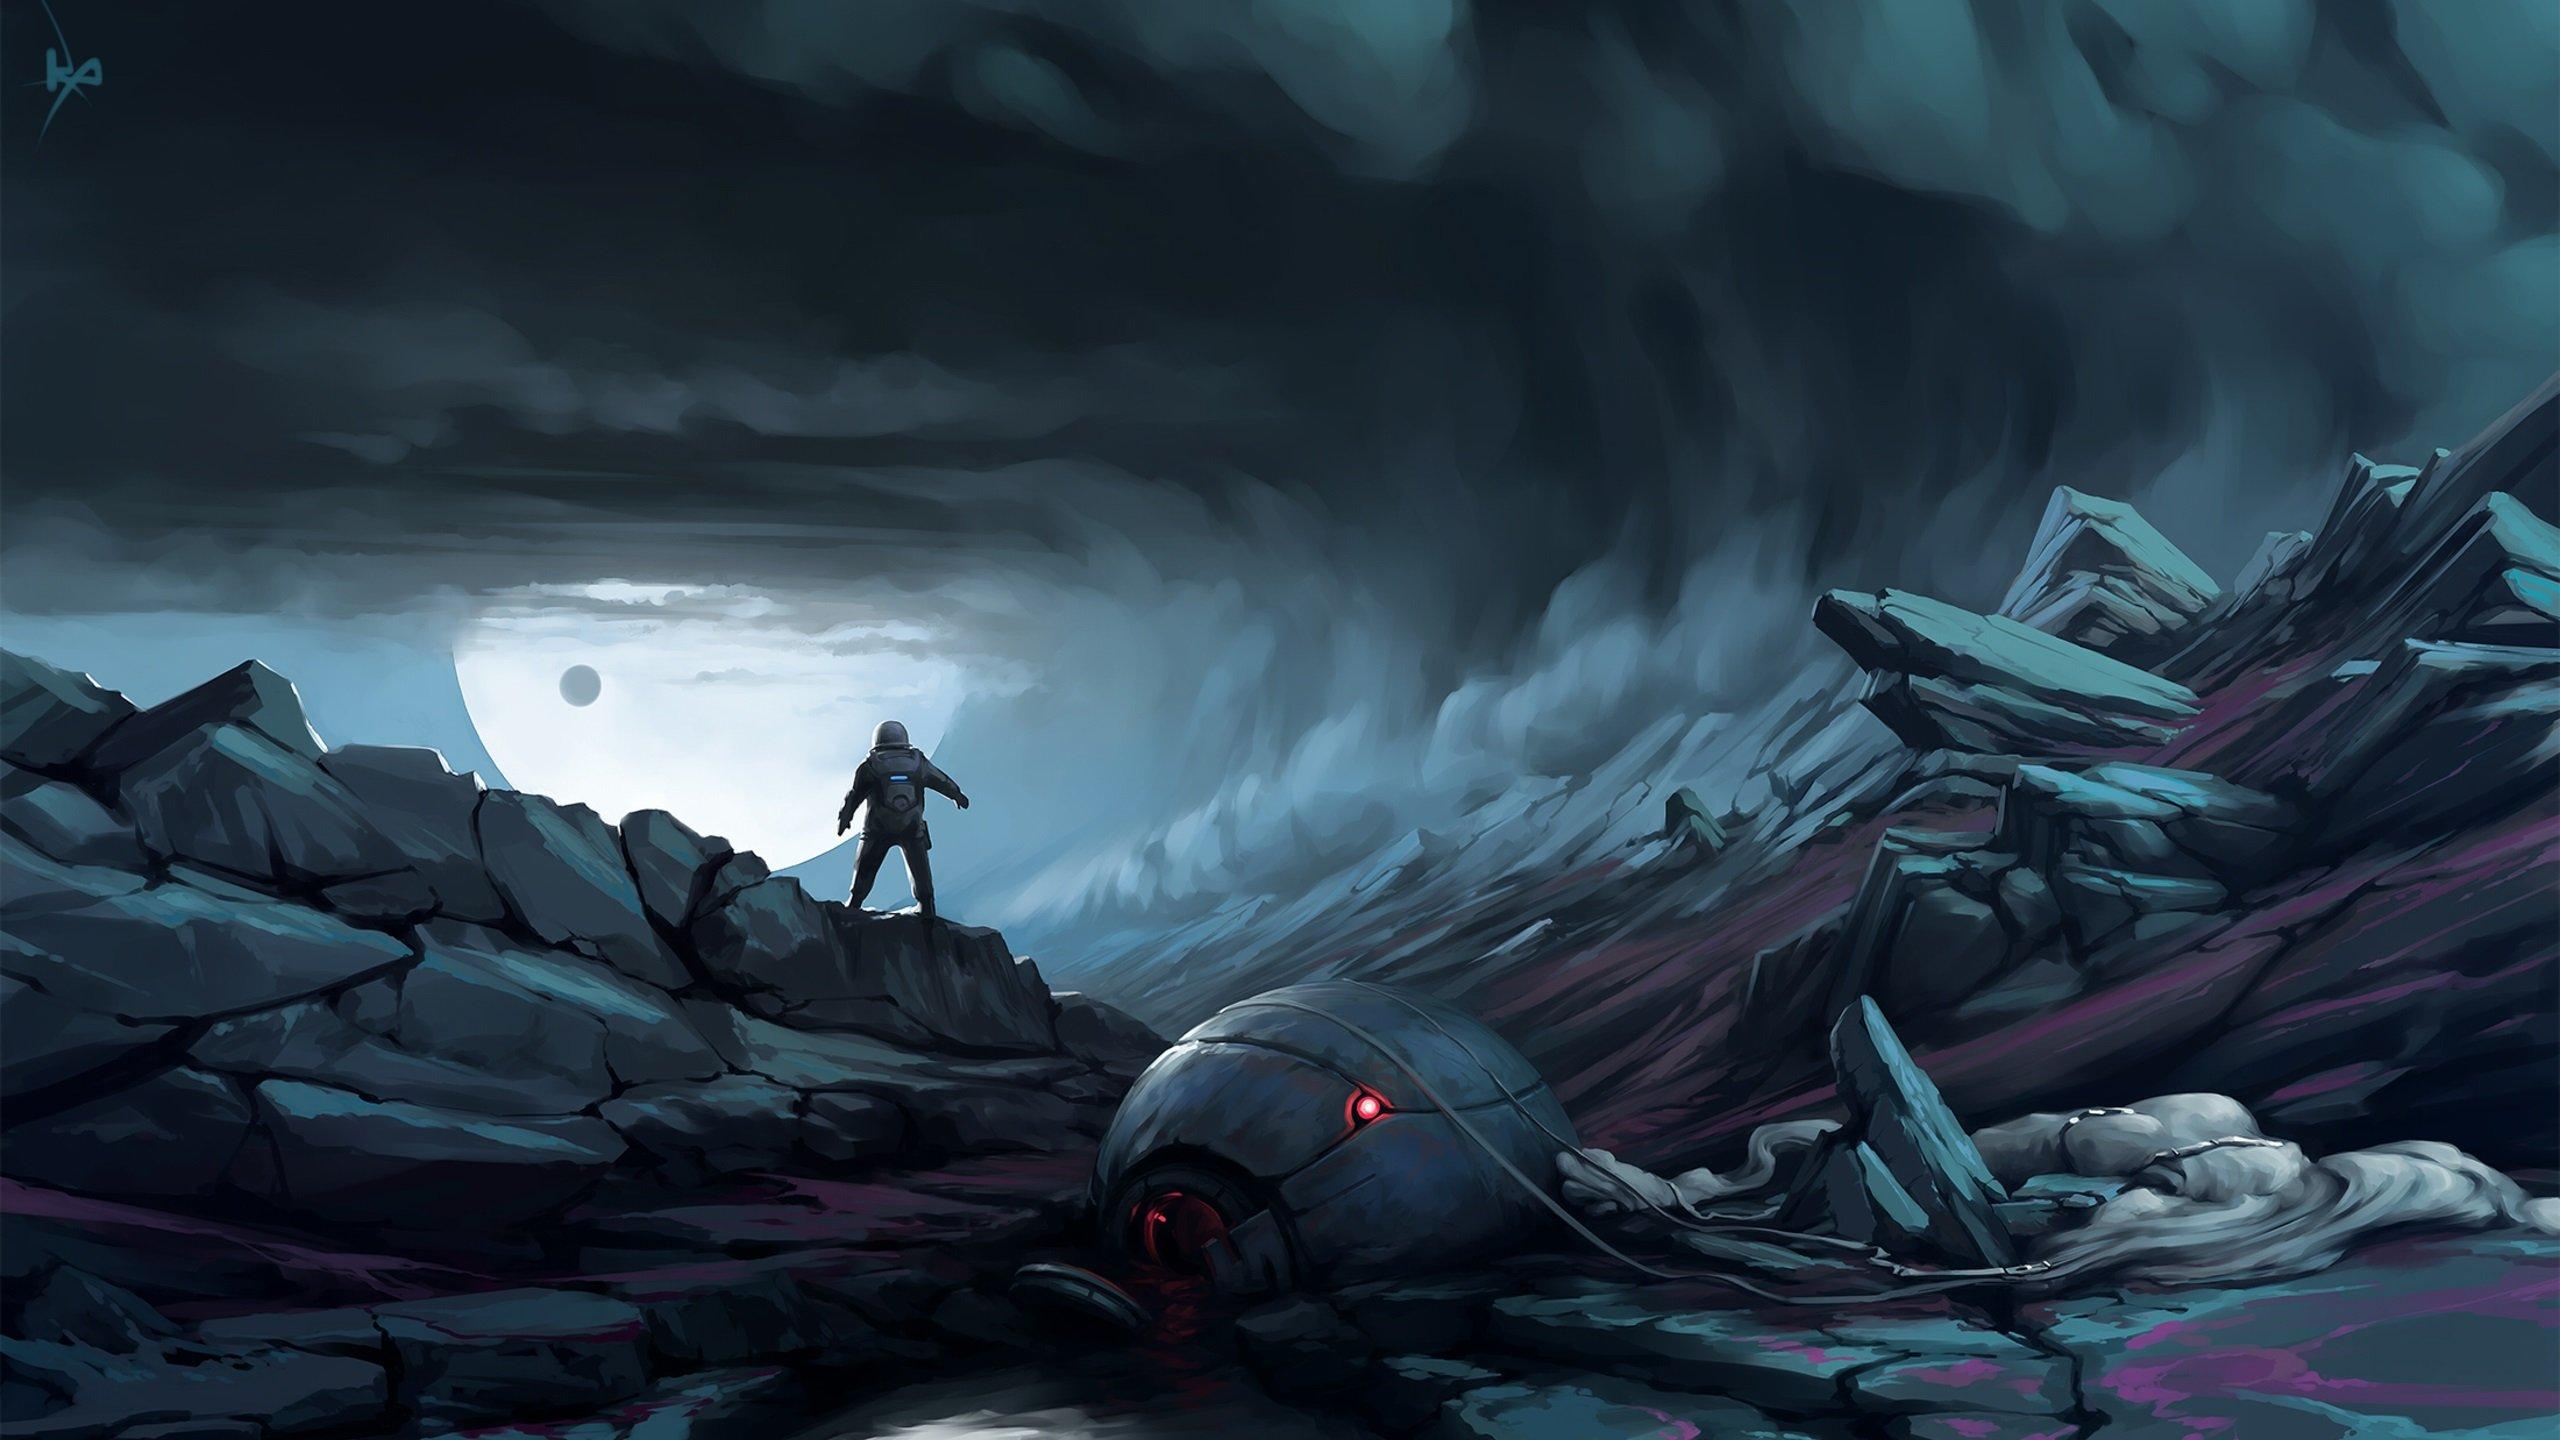 Dark Sci Fi Fantasy Art - HD Wallpaper